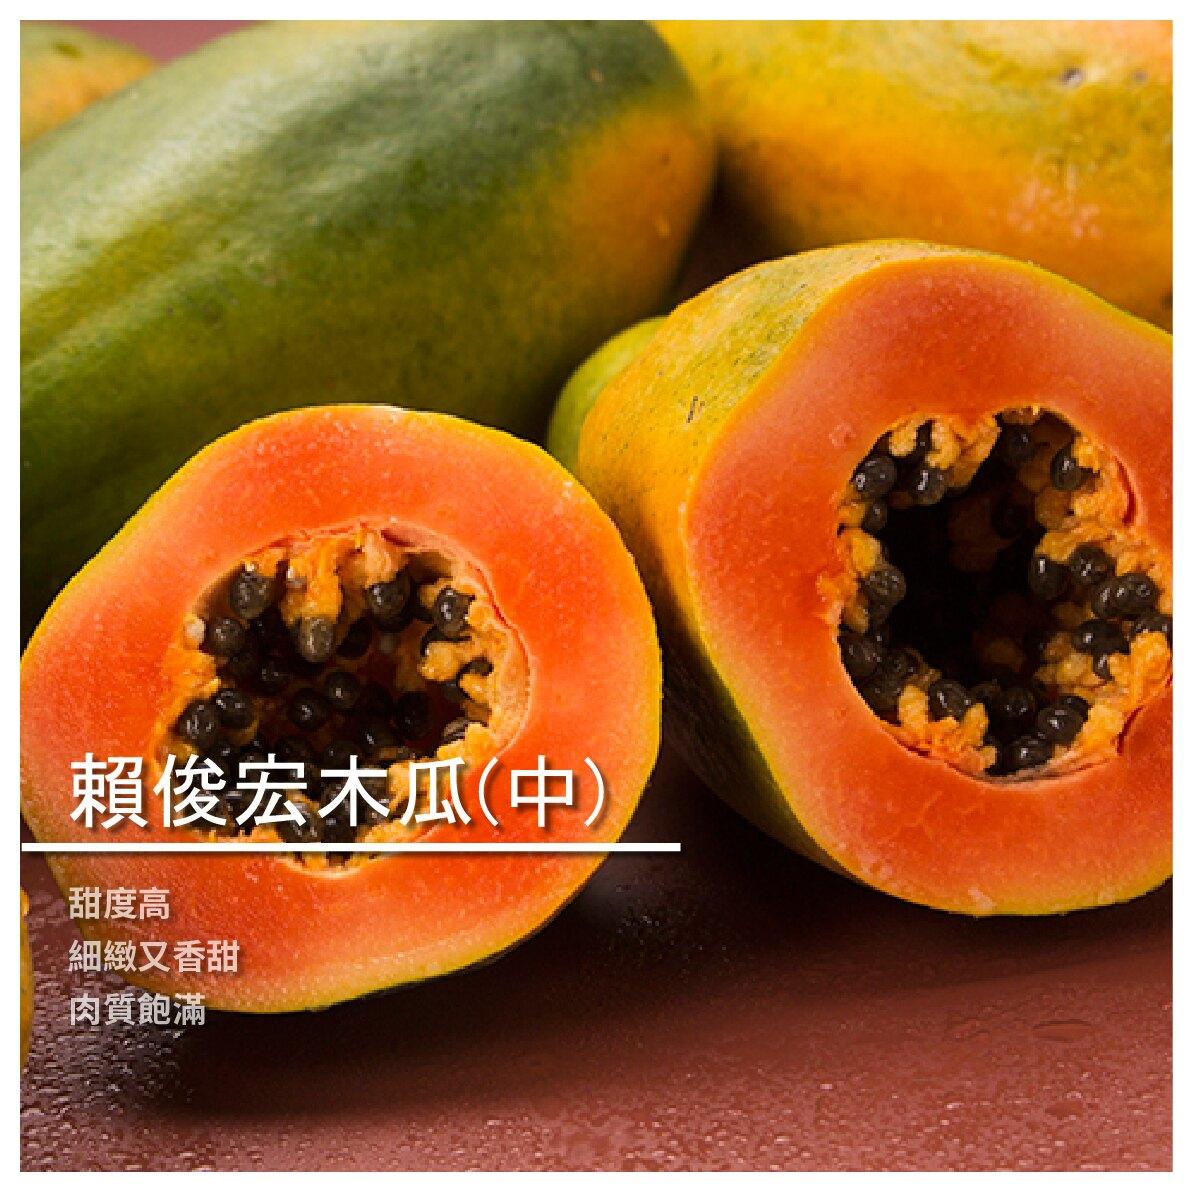 【賴俊宏木瓜農場】賴俊宏木瓜/中顆裝/13~18顆/箱